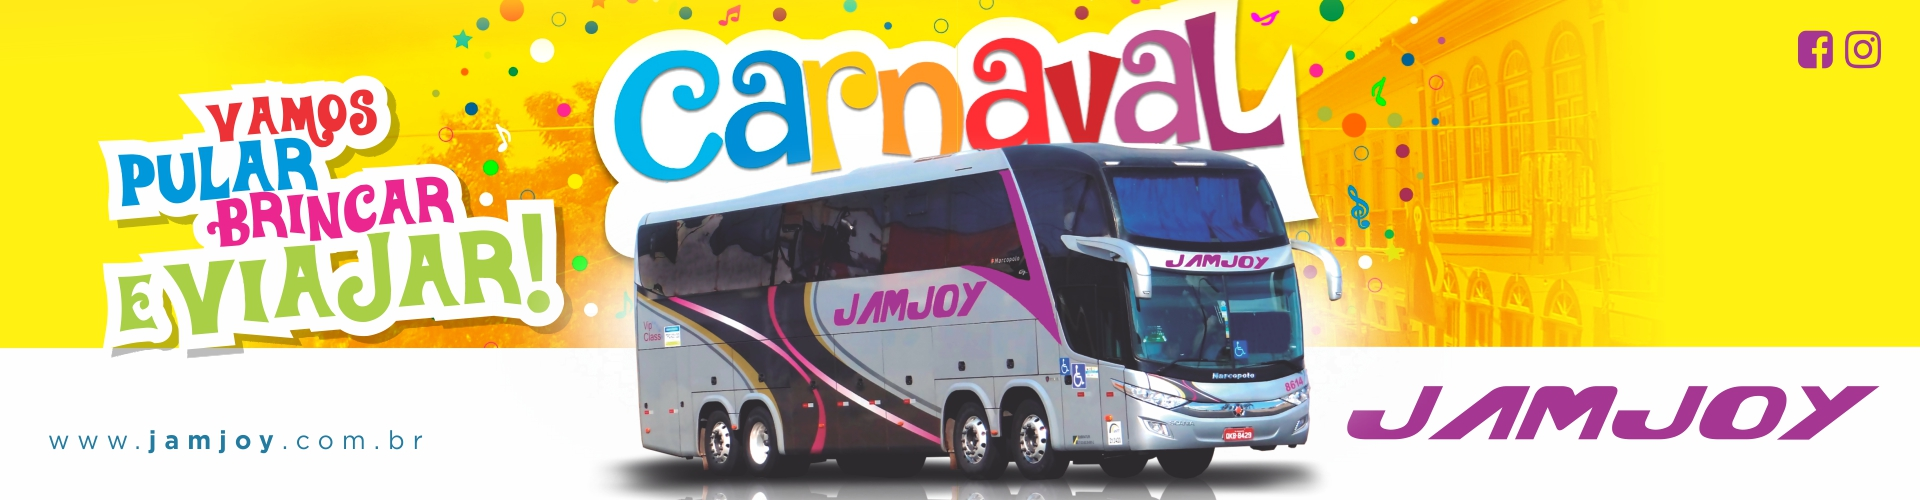 Carnaval, pula pula pulaaa